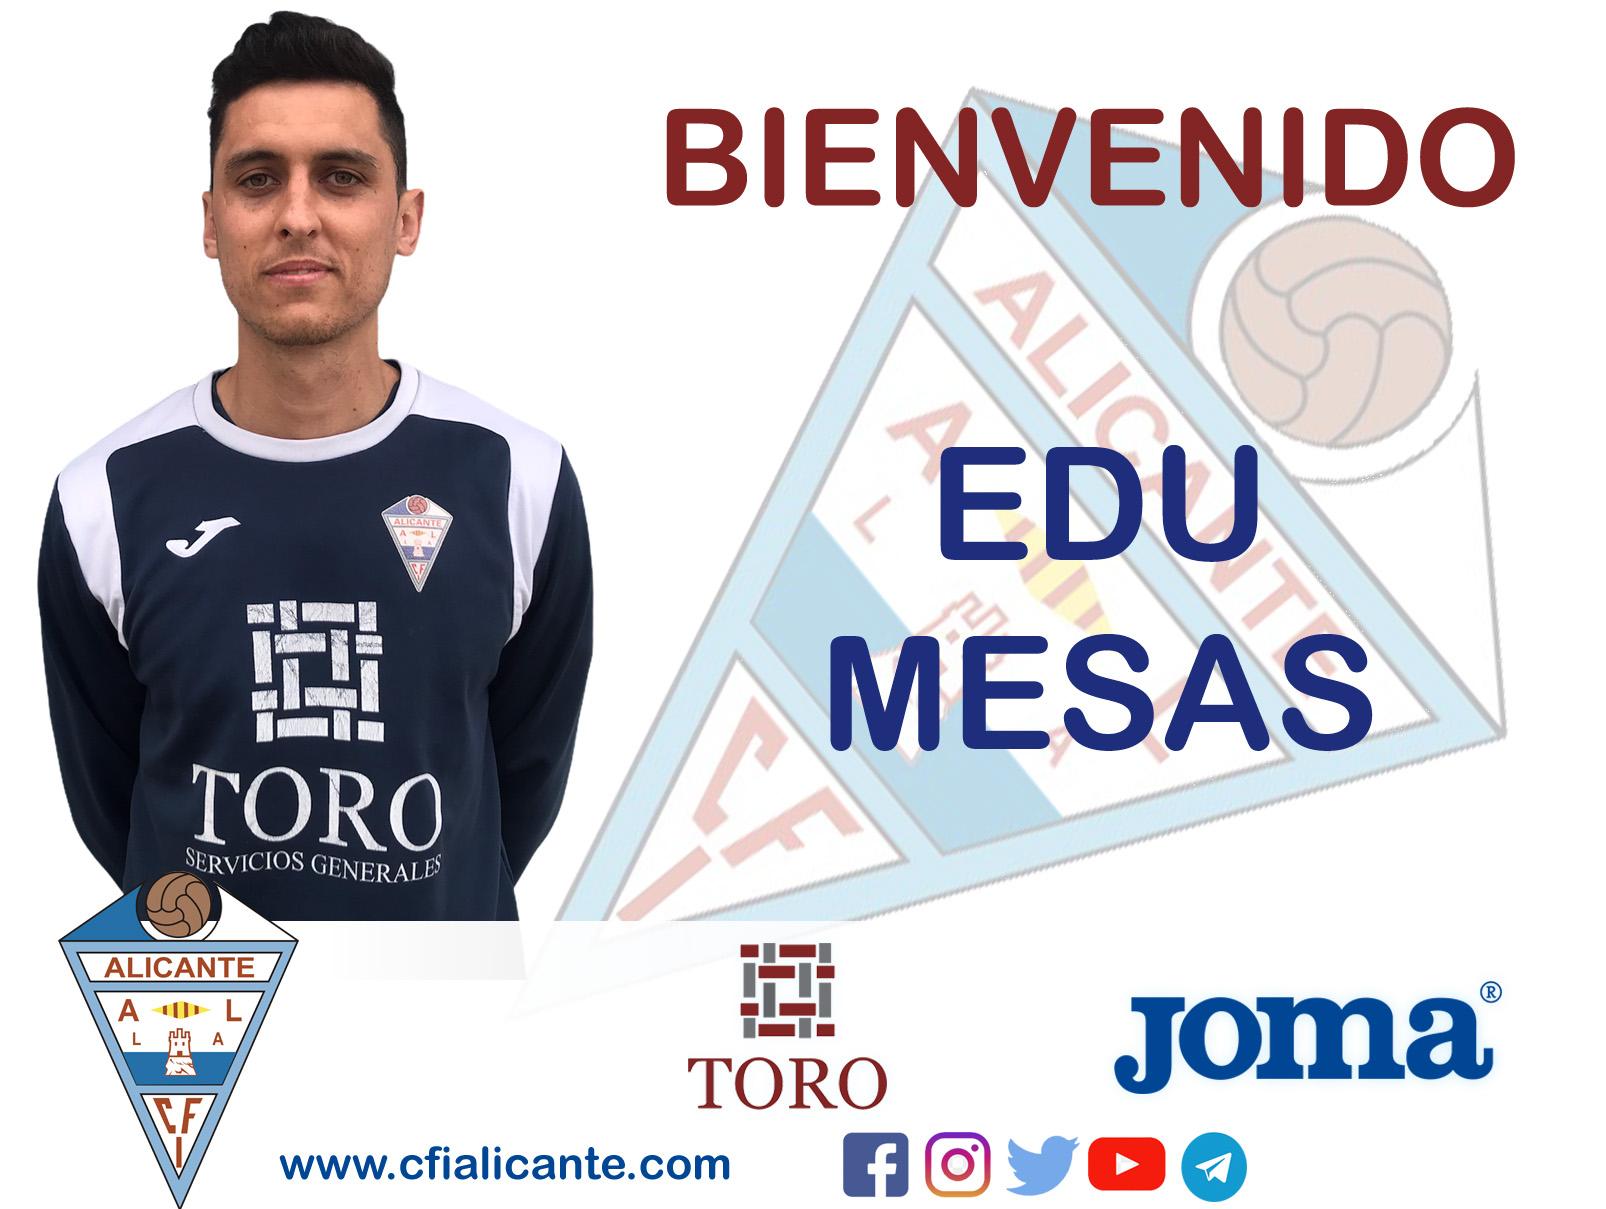 sdsEdu Mesas, se incorporaal CFI Alicante